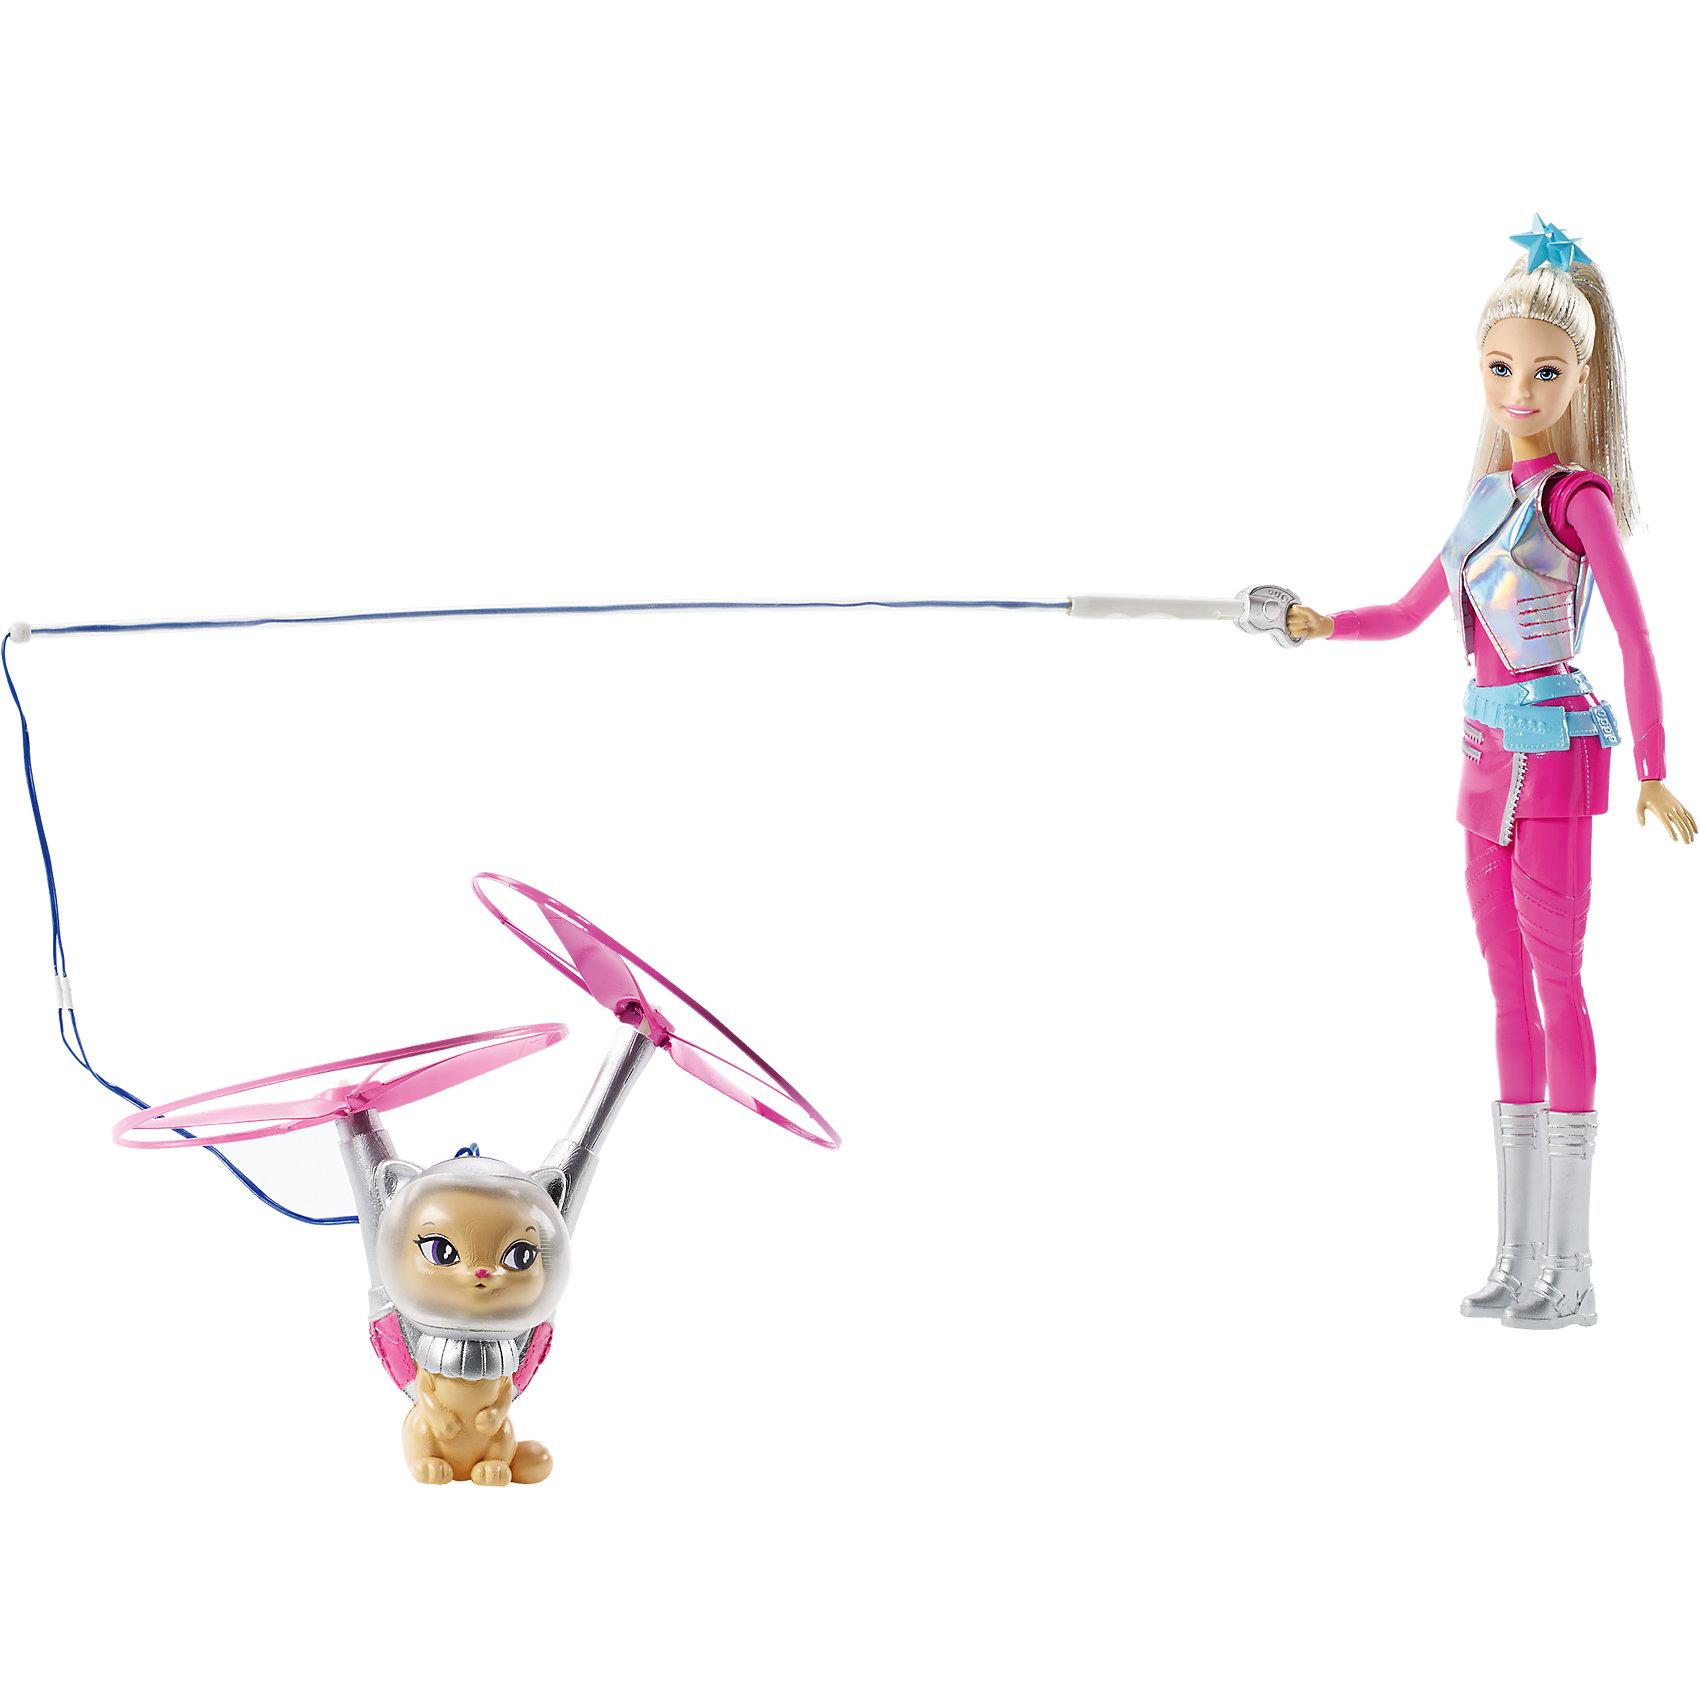 Кукла с летающим котом Попкорном из серии Barbie и космические приключенияКукла с летающим котом Попкорном из серии Barbie и космические приключения от Mattel (Маттел) ? образ Барби, созданный по мотивам мультфильма Barbie и космические приключения. На этот раз Барби отправляется в путешествие со своим любимцем котом, который умеет летать! <br>У Barbie настоящий космический наряд: розовый комбинезон, короткая юбочка, серебристый жилет и сапоги. На поводке кукла держит своего кота. Чтобы он взлетел необходимо нажать на кнопку, расположенную на ноге куклы. Попкорн поднимается в воздух за счет движения двух пропеллеров. <br>Кукла из серии Barbie и космические приключения, Barbie (Барби) может быть отличным вариантом в качестве подарка для девочки к любому торжеству.<br><br>Дополнительная информация:<br><br>- Вид игр: сюжетно-ролевые <br>- Предназначение: для дома<br>- Серия: Barbie и космические приключения <br>- Материал: пластик, резина, текстиль<br>- Особенности ухода: куклу и аксессуары можно мыть в теплой мыльной воде<br><br>Подробнее:<br><br>• Для детей в возрасте: от 5 лет и до 12 лет<br>• Страна производитель: Китай<br>• Торговый бренд: Barbie<br><br>Куклу с летающим котом Попкорном из серии Barbie и космические приключения от Mattel (Маттел) можно купить в нашем интернет-магазине.<br><br>Ширина мм: 327<br>Глубина мм: 253<br>Высота мм: 71<br>Вес г: 319<br>Возраст от месяцев: 36<br>Возраст до месяцев: 72<br>Пол: Женский<br>Возраст: Детский<br>SKU: 4765333